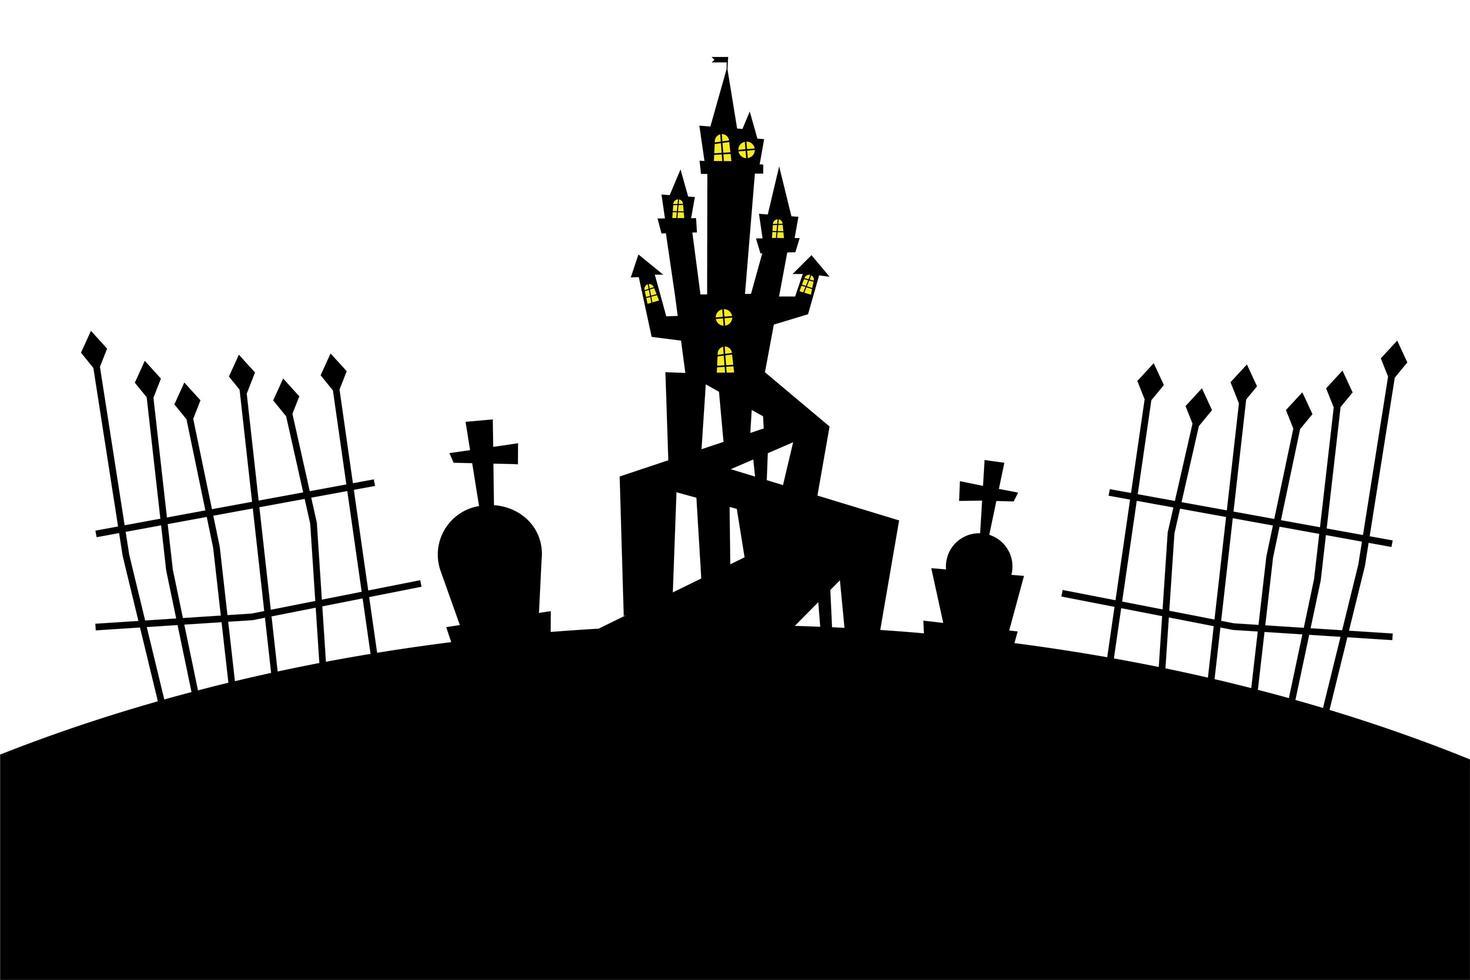 casa di halloween al disegno vettoriale del cimitero